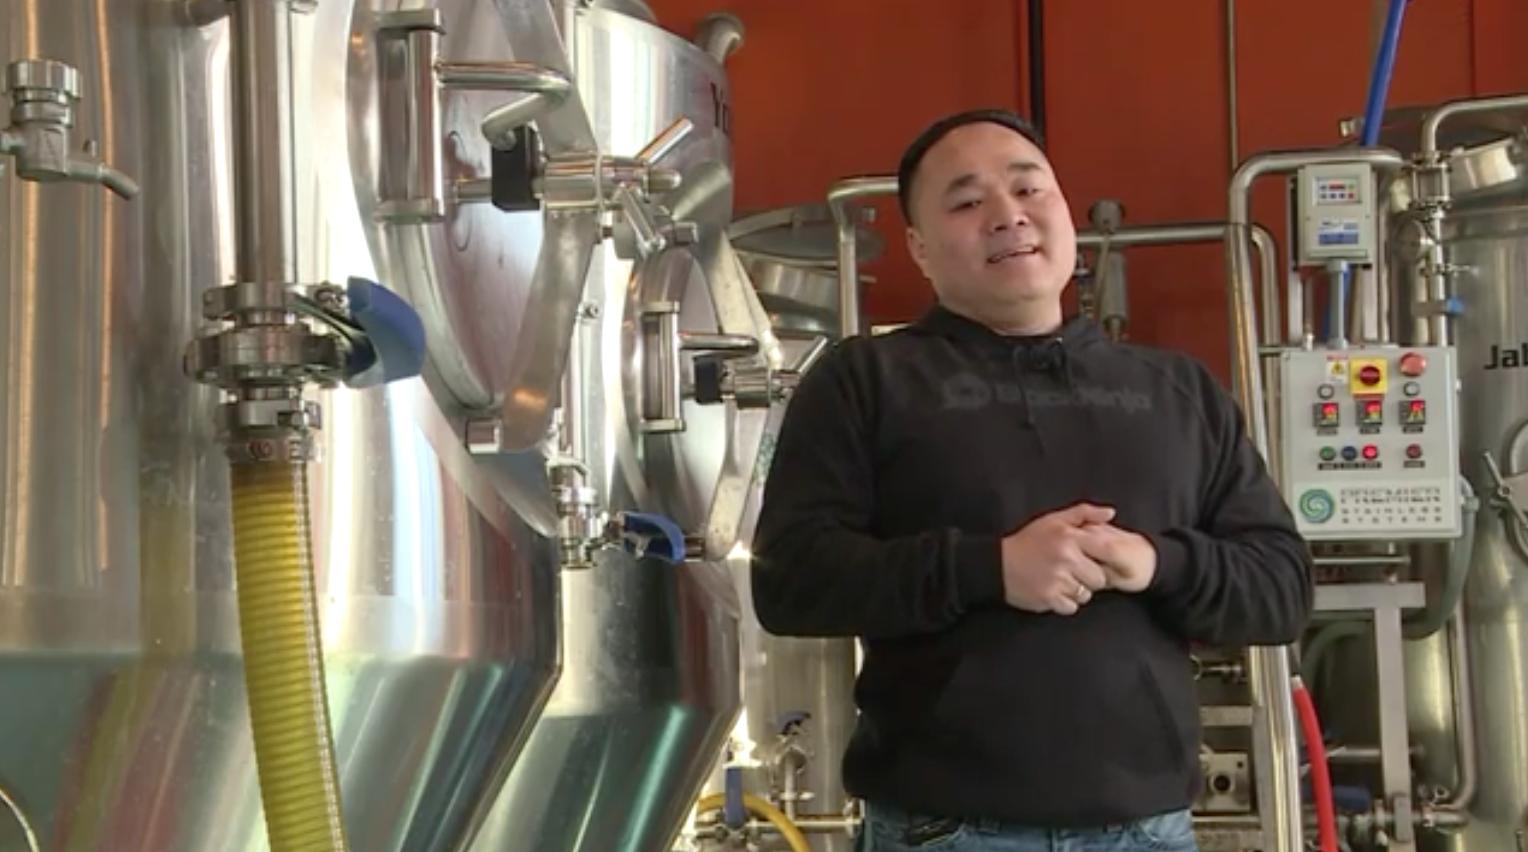 Bí quyết thành công về nấu bia hơi của ông chủ gốc Việt